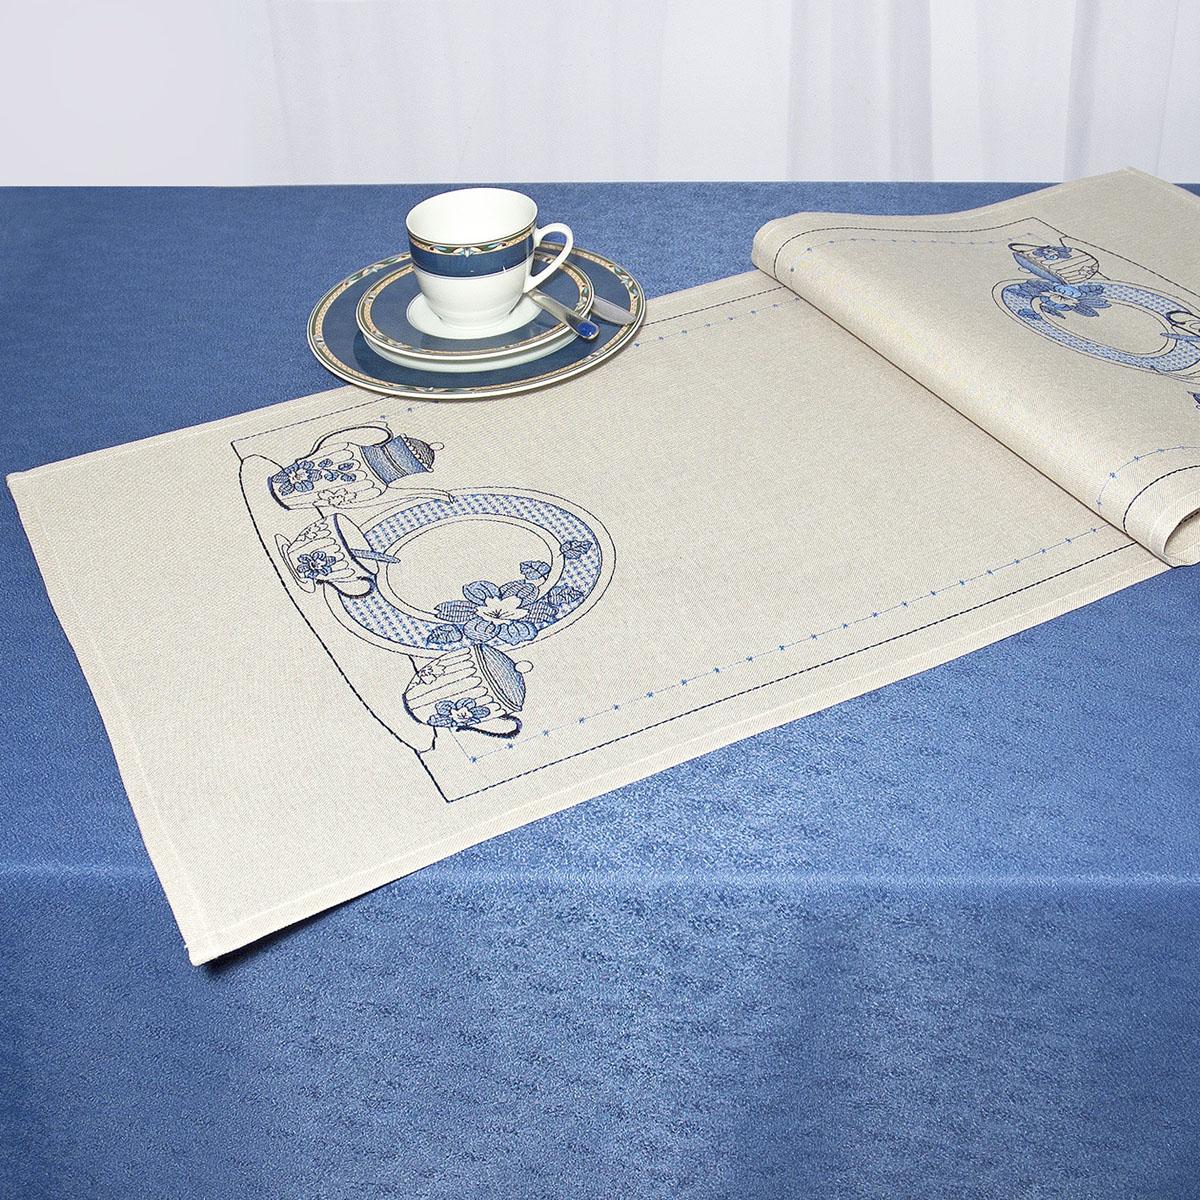 Дорожка для декорирования стола Schaefer, прямоугольная, цвет: кремовый, голубой, 40 x 110 см 07480-23307480-233Дорожка Schaefer выполнена из высококачественного полиэстера и украшена вышитым рисунком. Вы можете использовать дорожку для декорирования стола, комода или журнального столика.Благодаря такой дорожке вы защитите поверхность мебели от воды, пятен и механических воздействий, а также создадите атмосферу уюта и домашнего тепла в интерьере вашей квартиры. Изделия из искусственных волокон легко стирать: они не мнутся, не садятся и быстро сохнут, они более долговечны, чем изделия из натуральных волокон. Изысканный текстиль от немецкой компании Schaefer - это красота, стиль и уют в вашем доме. Дорожка органично впишется в интерьер любого помещения, а оригинальный дизайн удовлетворит даже самый изысканный вкус. Дарите себе и близким красоту каждый день!